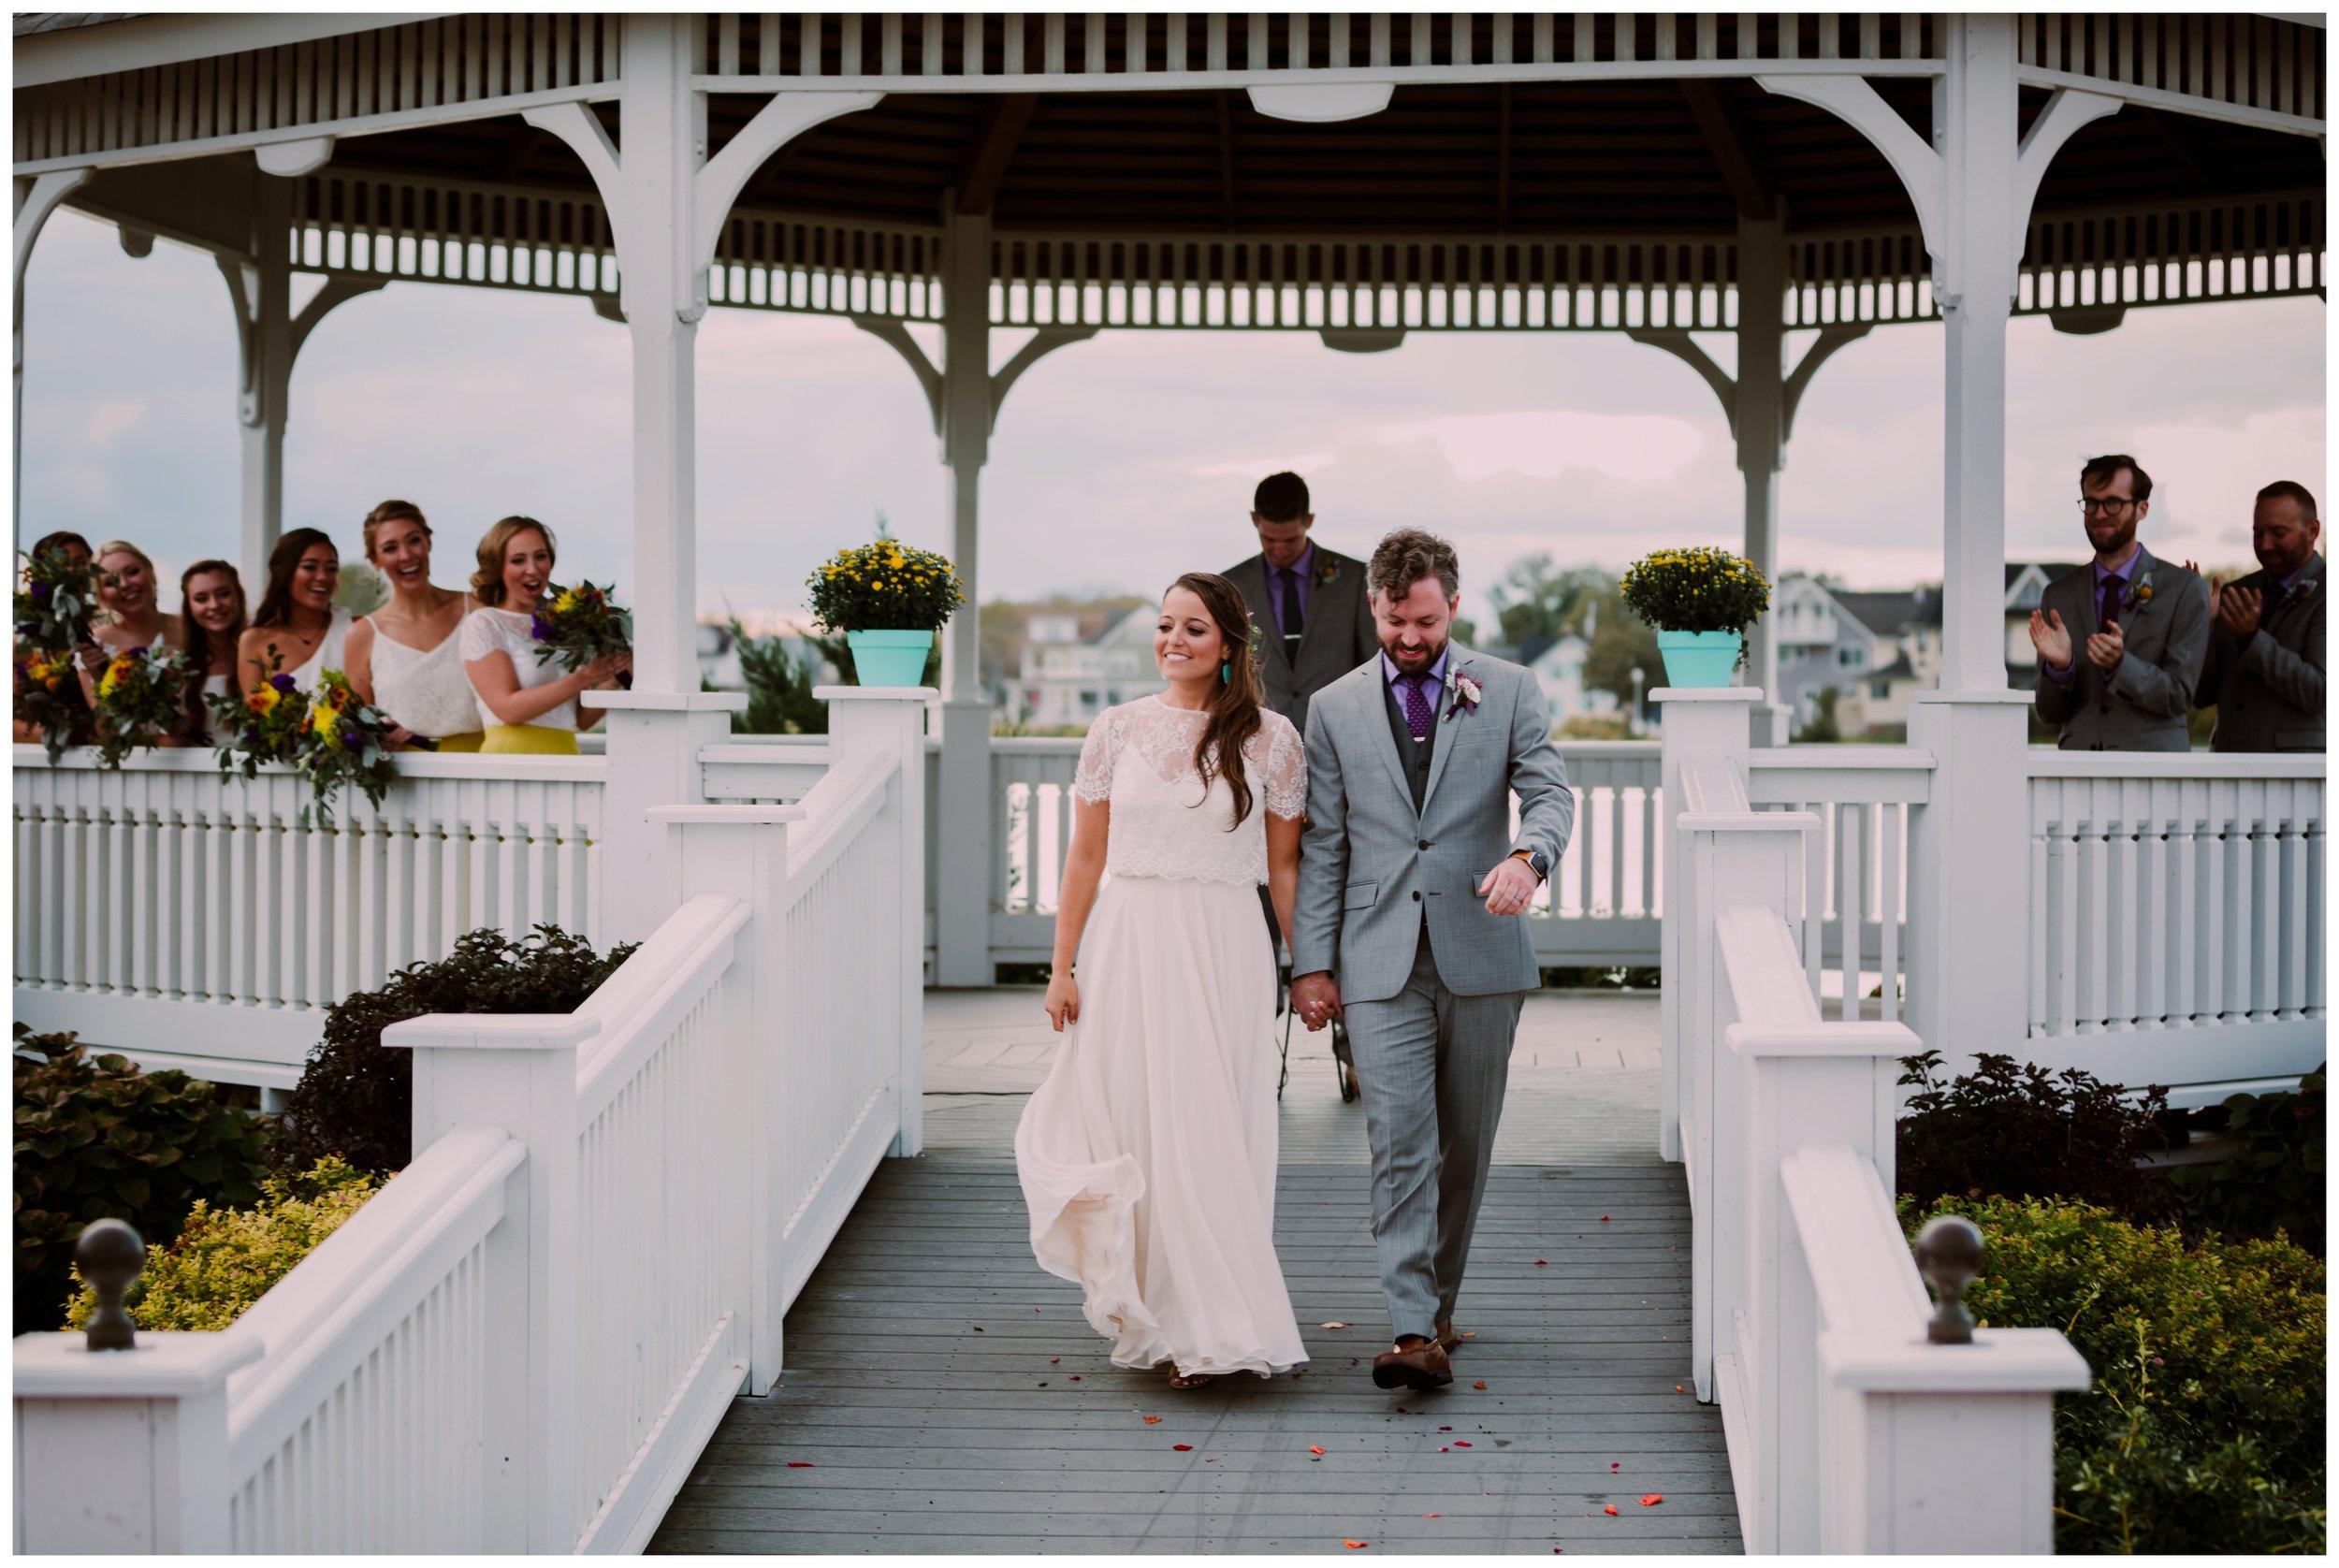 Nicole & Joe | Trendy Bohemian Belmar NJ Beach WeddingNicole & Joe | Trendy Bohemian Belmar NJ Beach Wedding